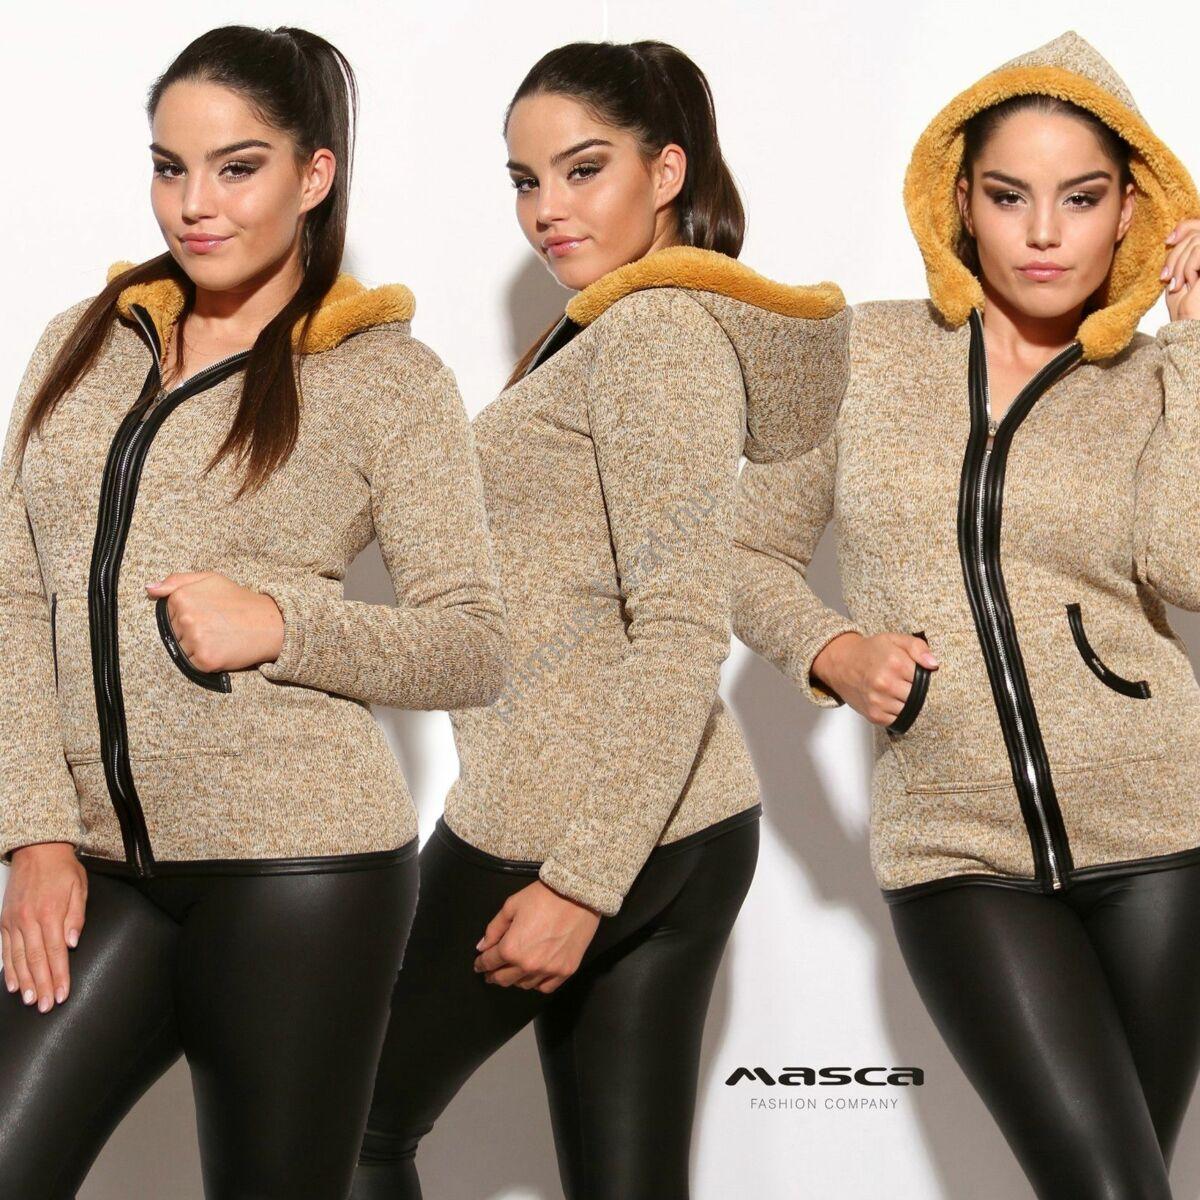 Masca Fashion cipzáras drapp-melange kötött hatású kardigán, okkersárga szőrmés béleléssel, kapucnival, fekete műbőr szegőkkel